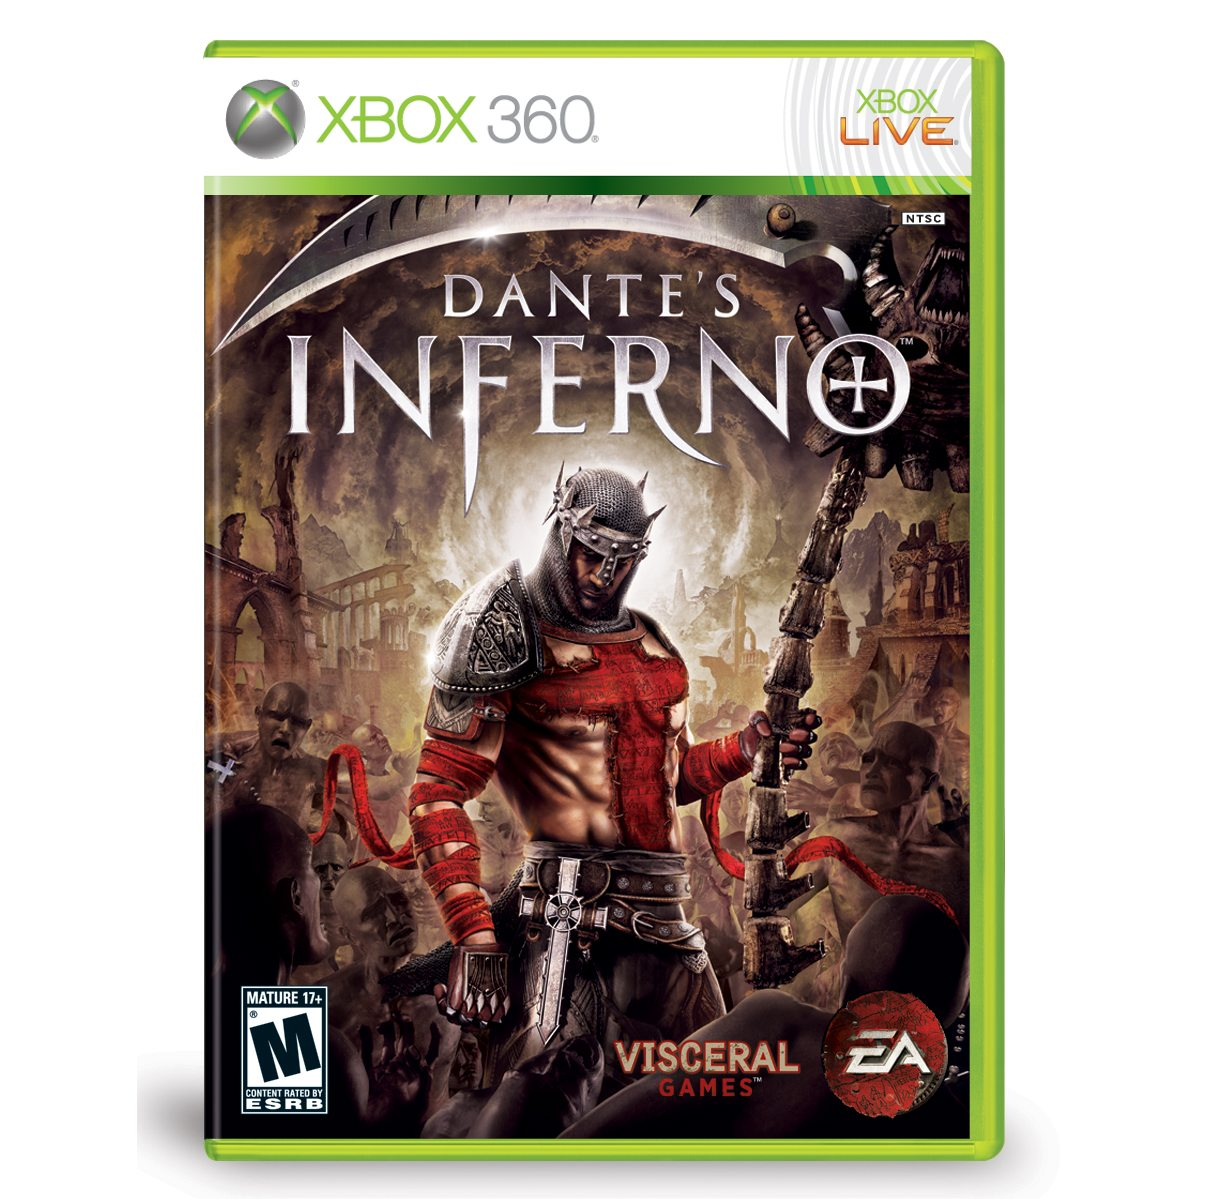 Xbox 360 Dante's Inferno Xbox 360